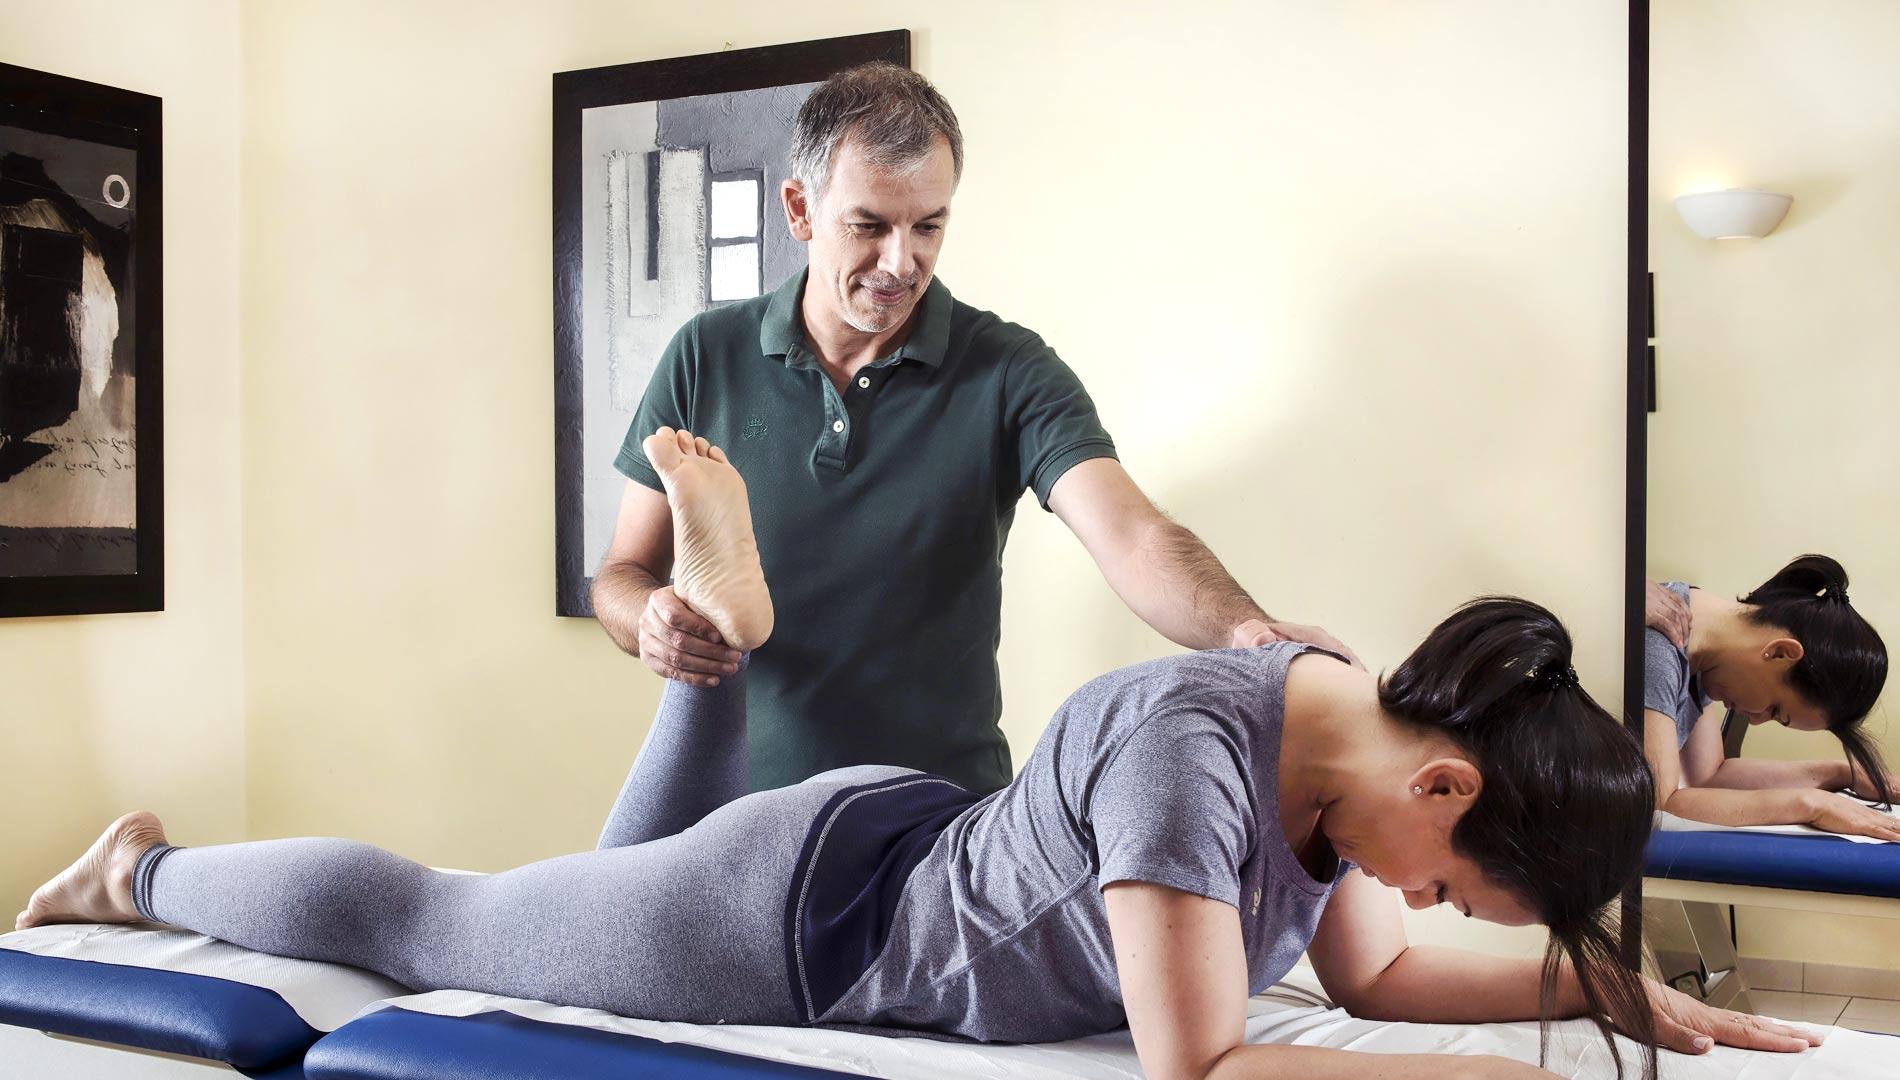 Trattamento seduta di fisioterapia a Torino con il fisioterapista Andrea Gandini, 30 anni di esperienza